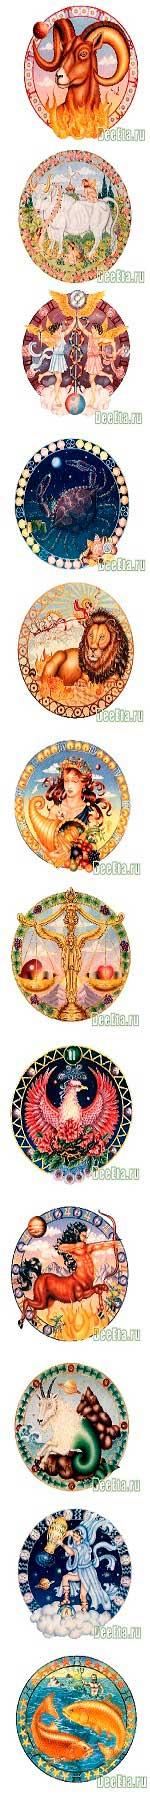 znak-zodiaka